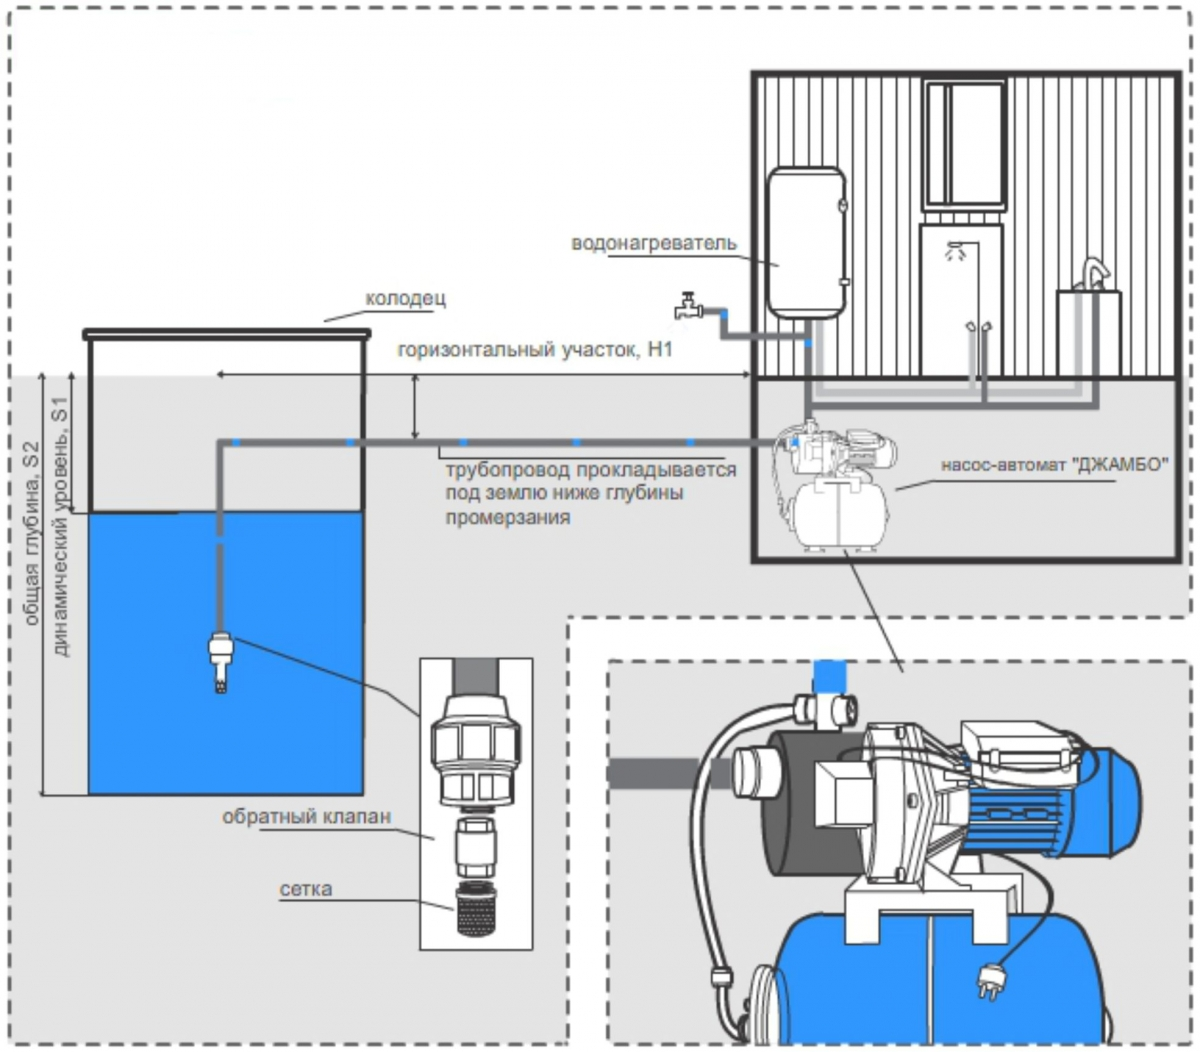 Схема водоснабжения частного дома с гидроаккумулятором фото 946